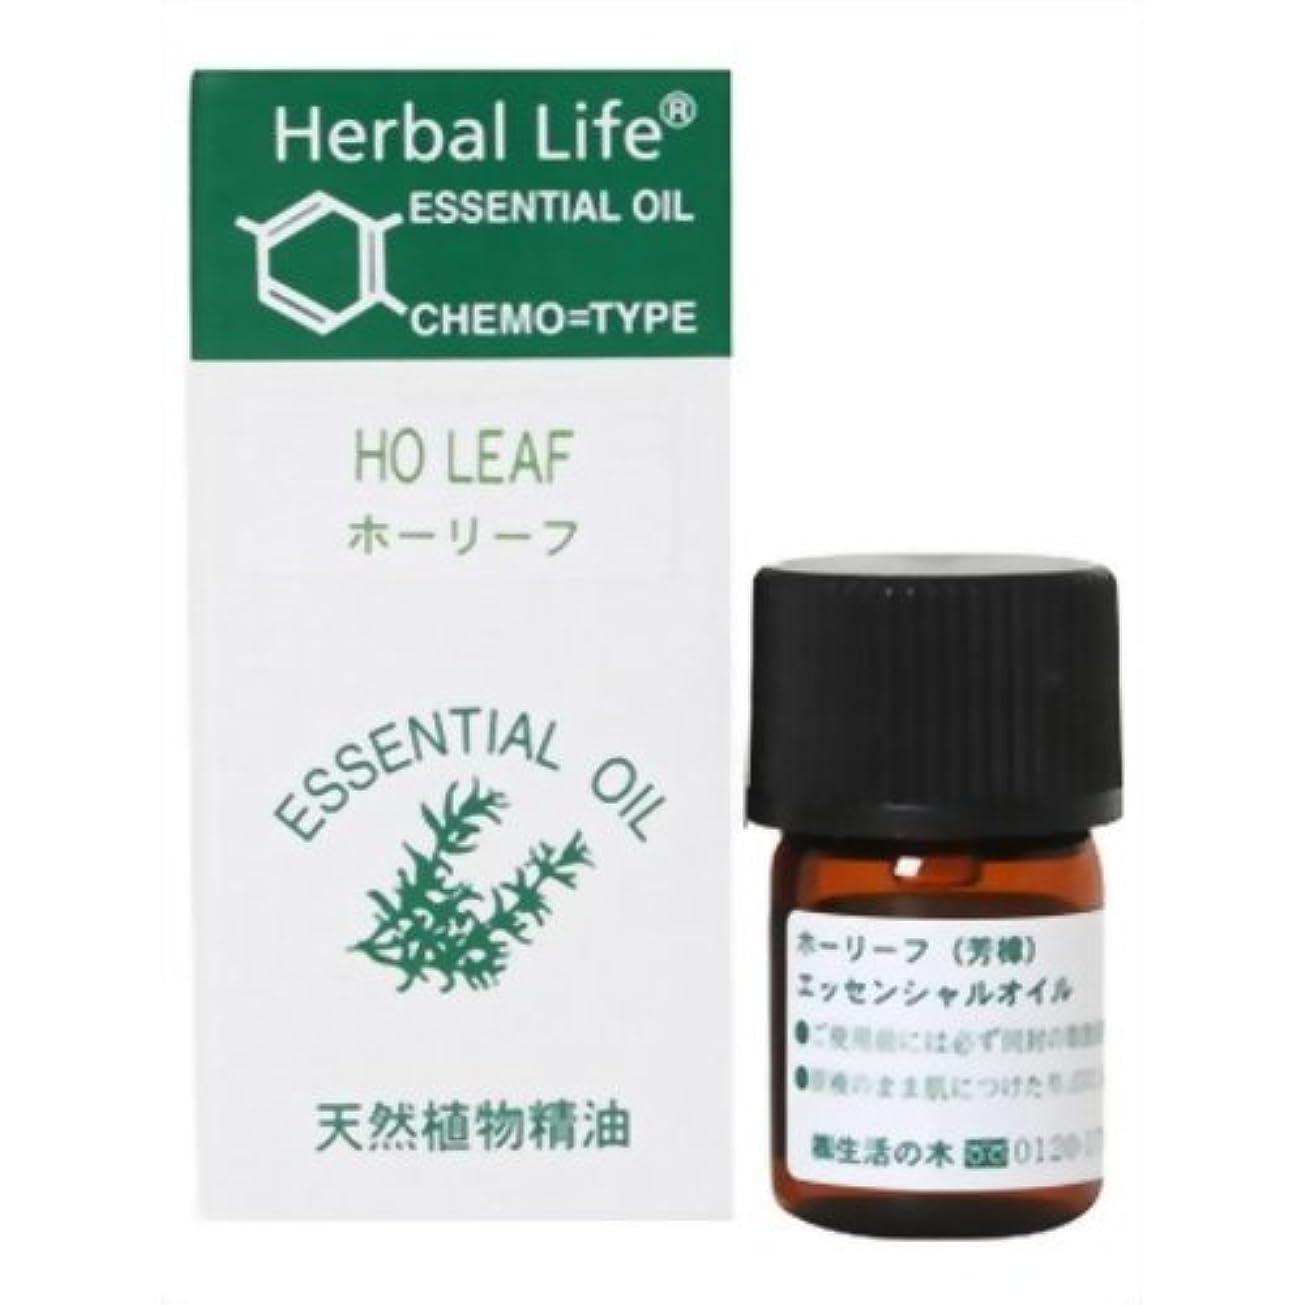 奨学金背景広く生活の木 Herbal Life ホーリーフ 3ml